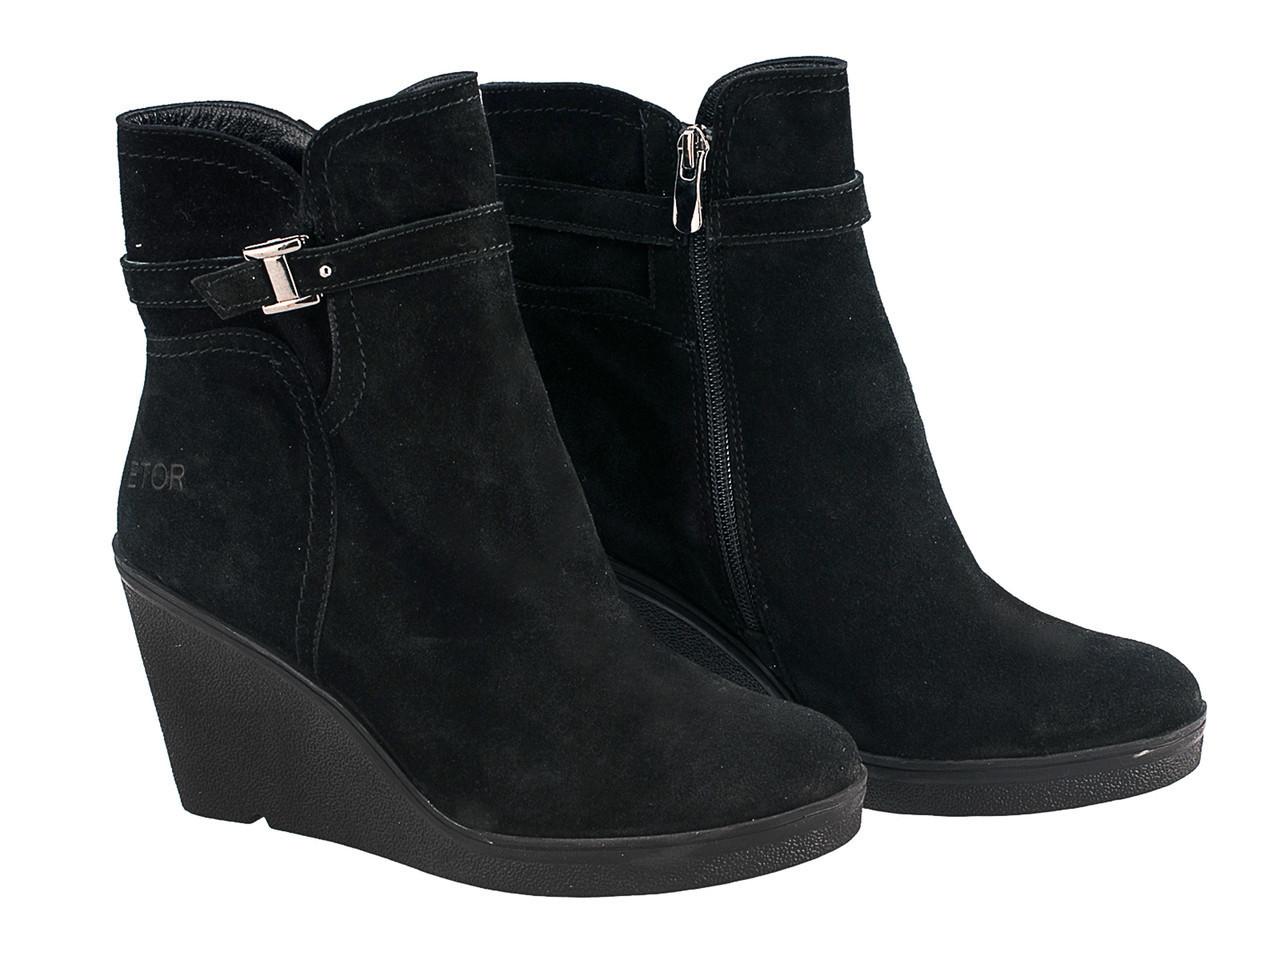 Ботинки Etor 5905-02510-1 40 черные